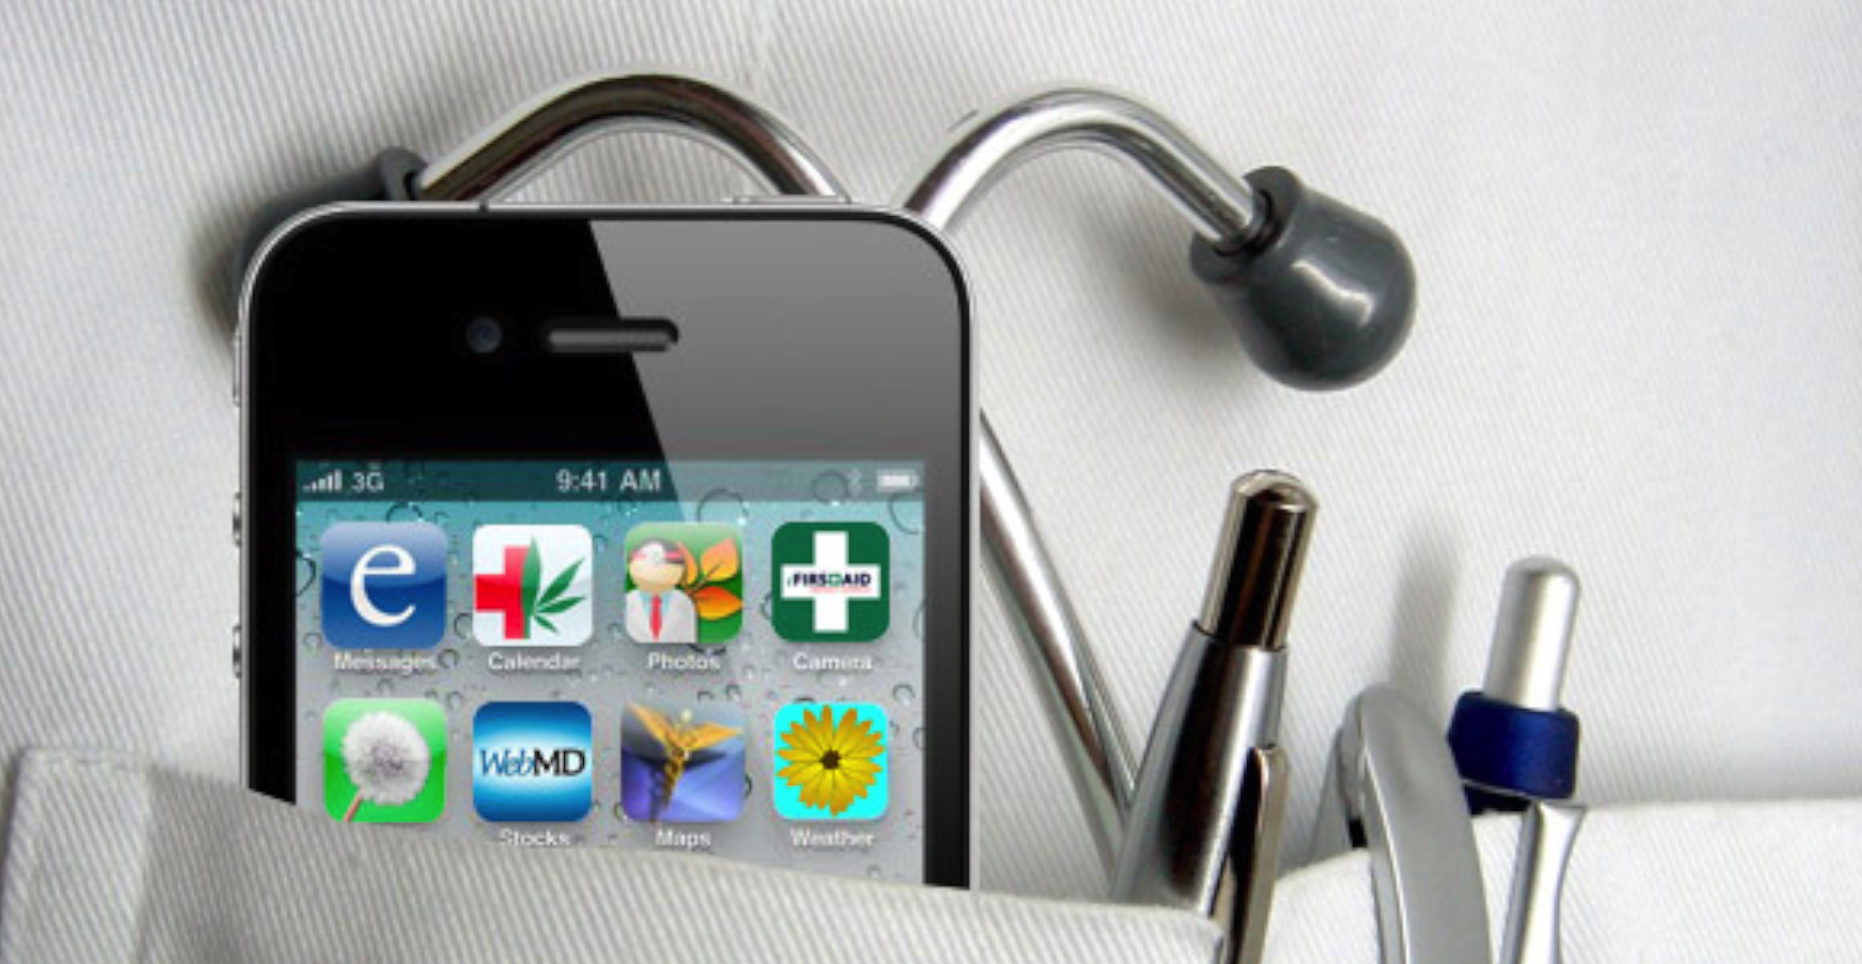 Китайских врачей научат современным технологиям. Источник www.theworldofchinese.com